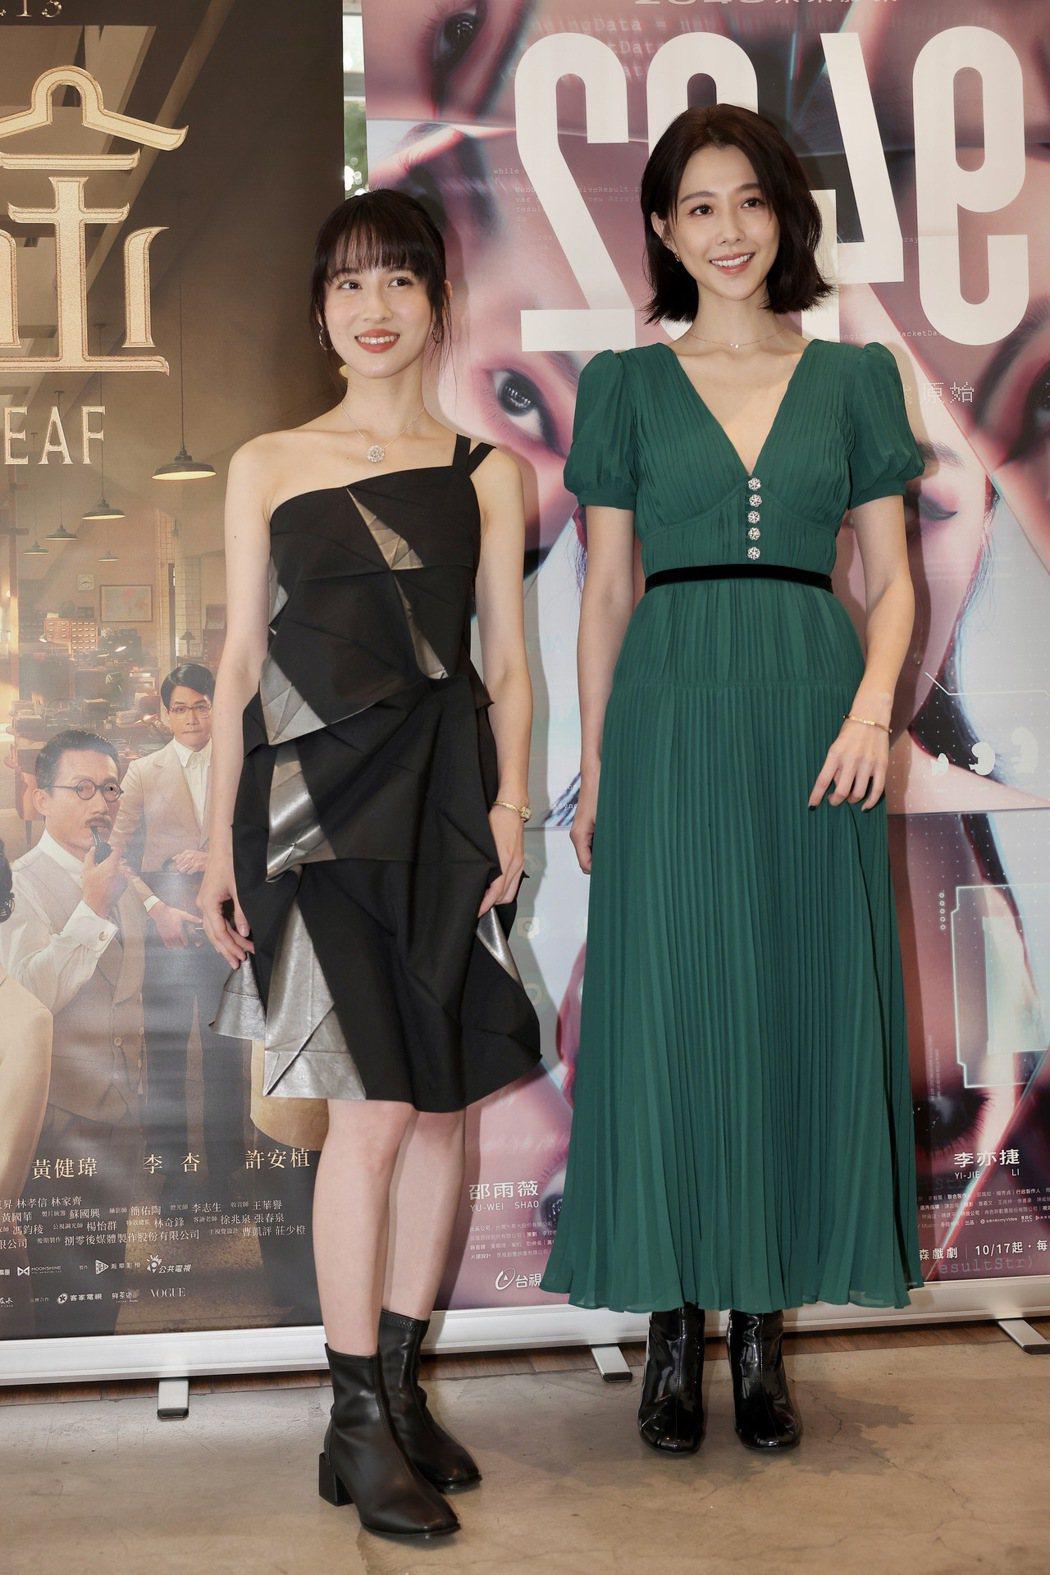 連俞涵(左)和邵雨薇為了新戲「茶金」與「2049」宣傳。記者李政龍/攝影